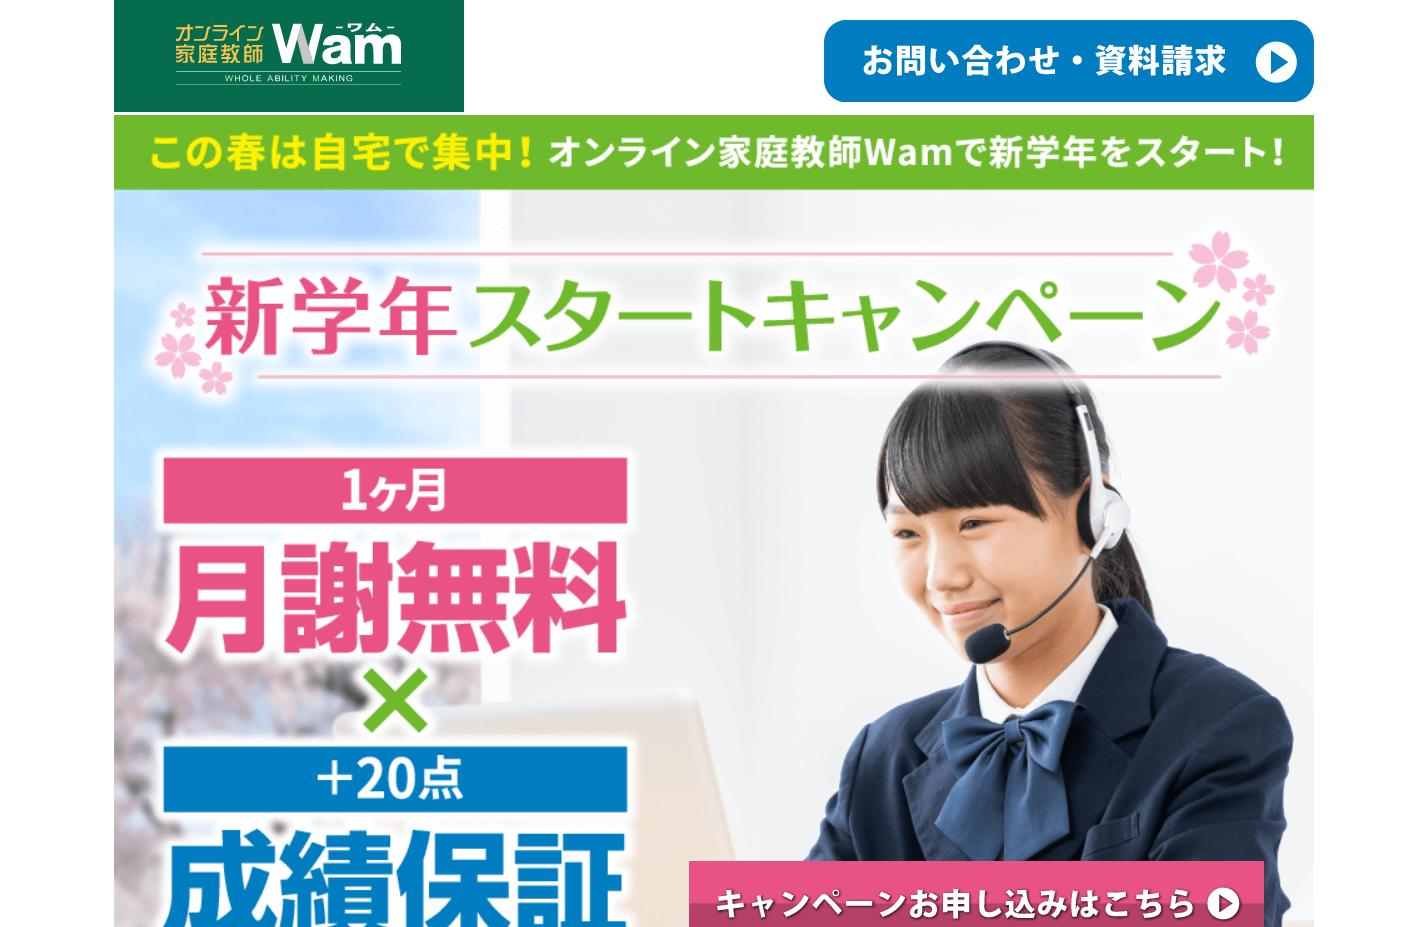 オンライン家庭教師Wam|AI導入で効率よく学習